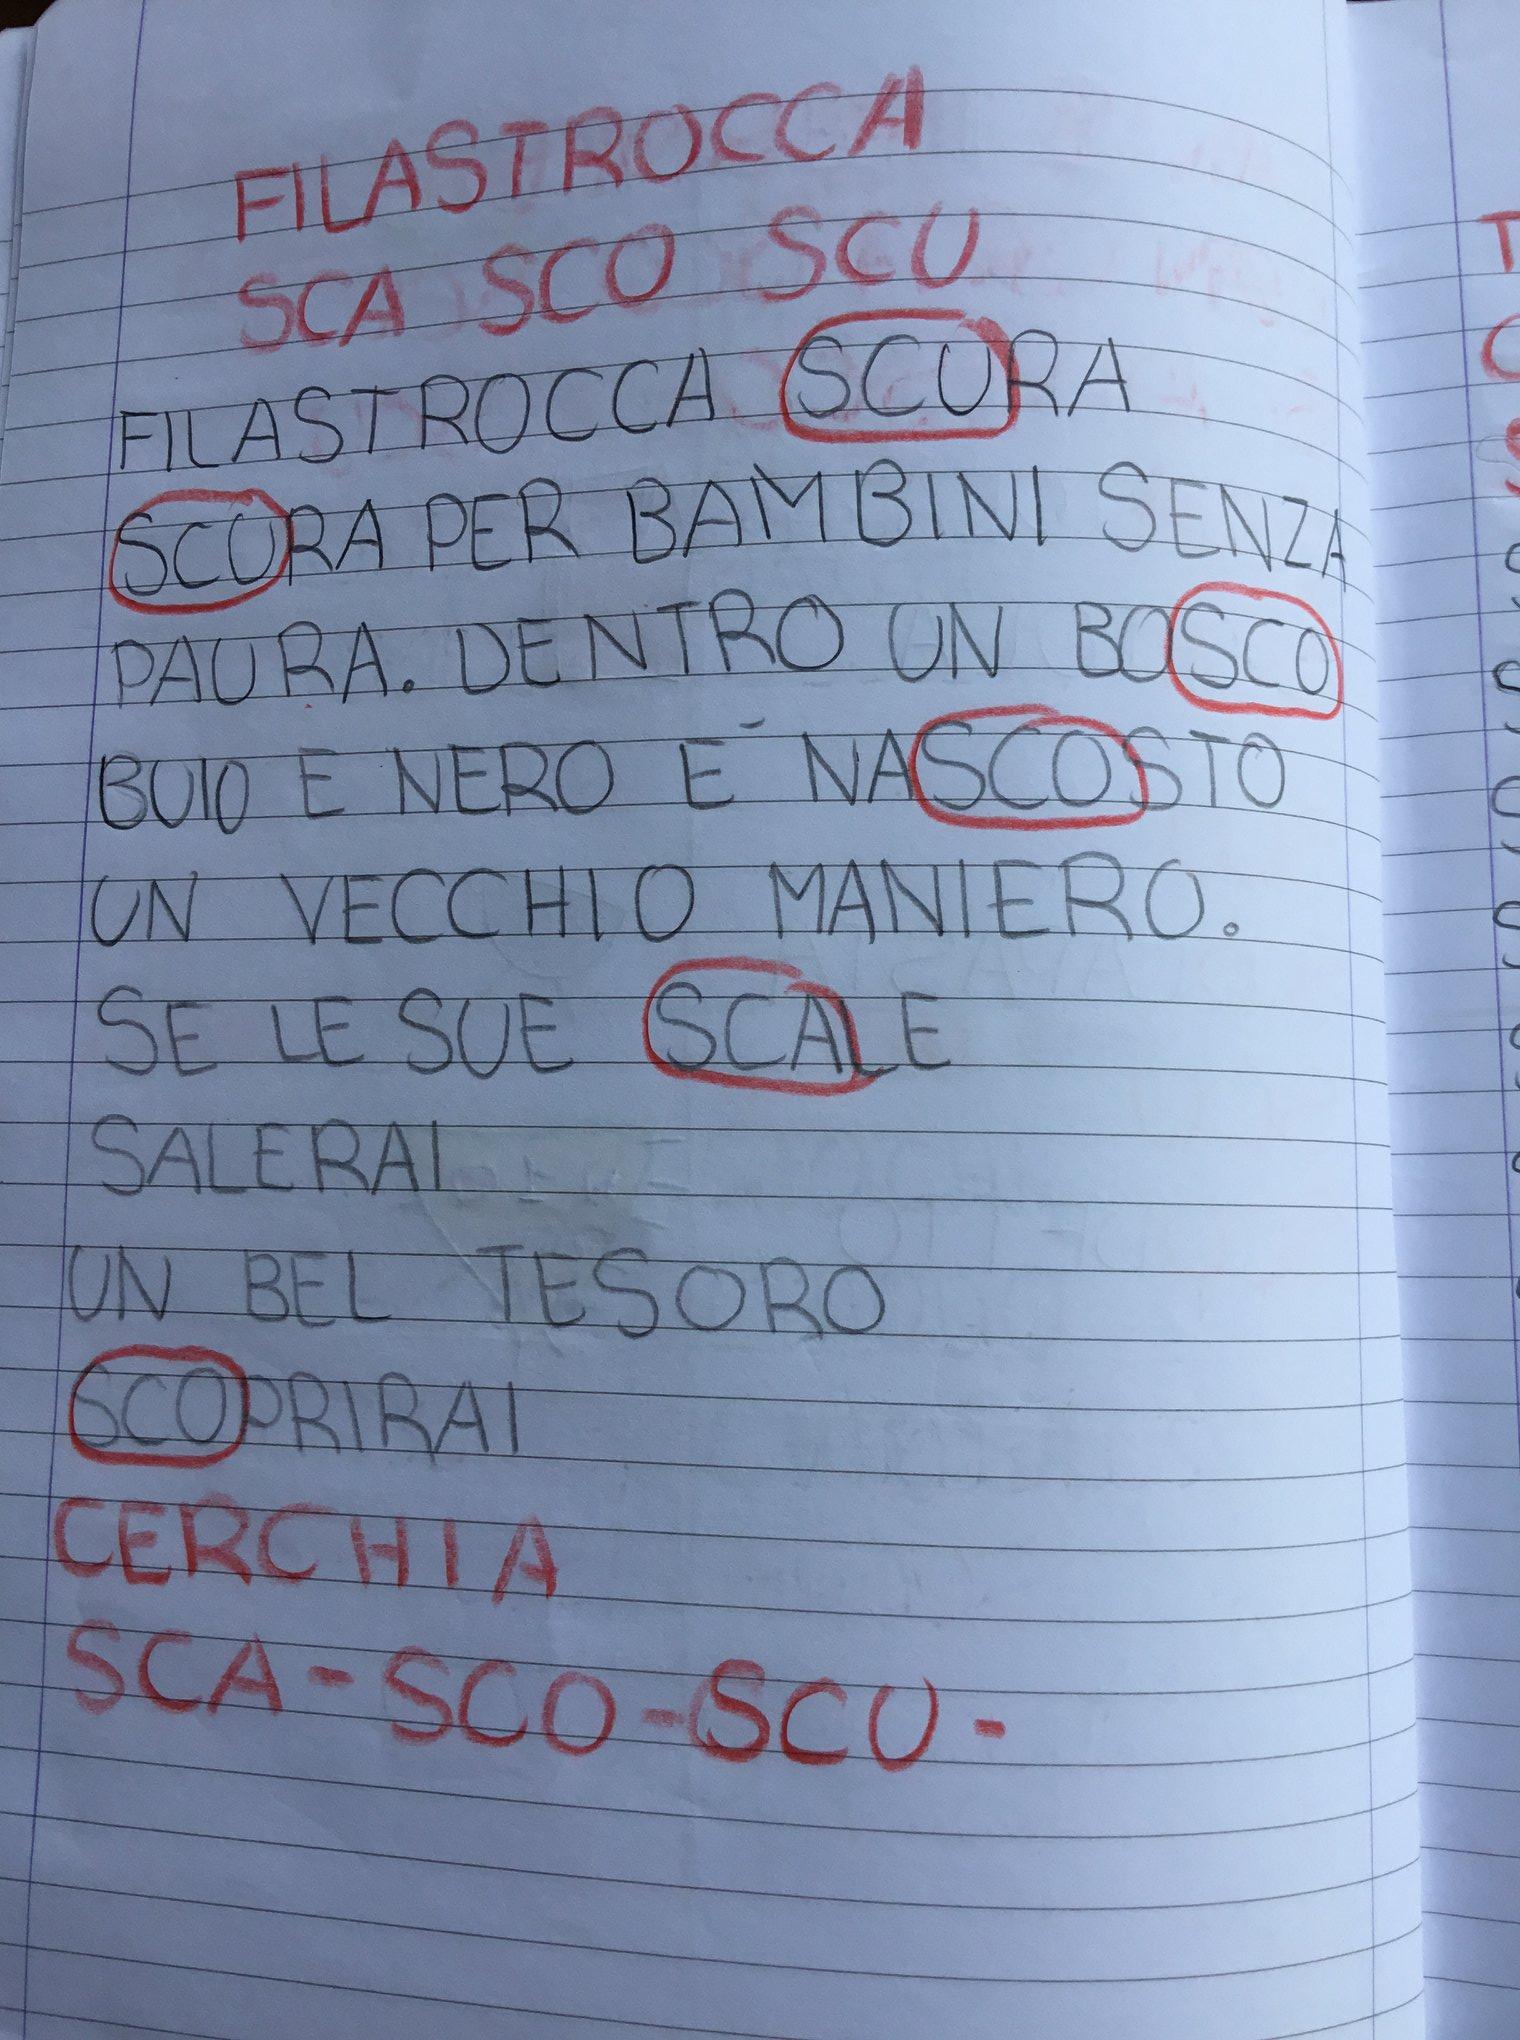 Italiano Classe 1 Sca Sco Scu Sci Sce Blog Di Maestra Mile